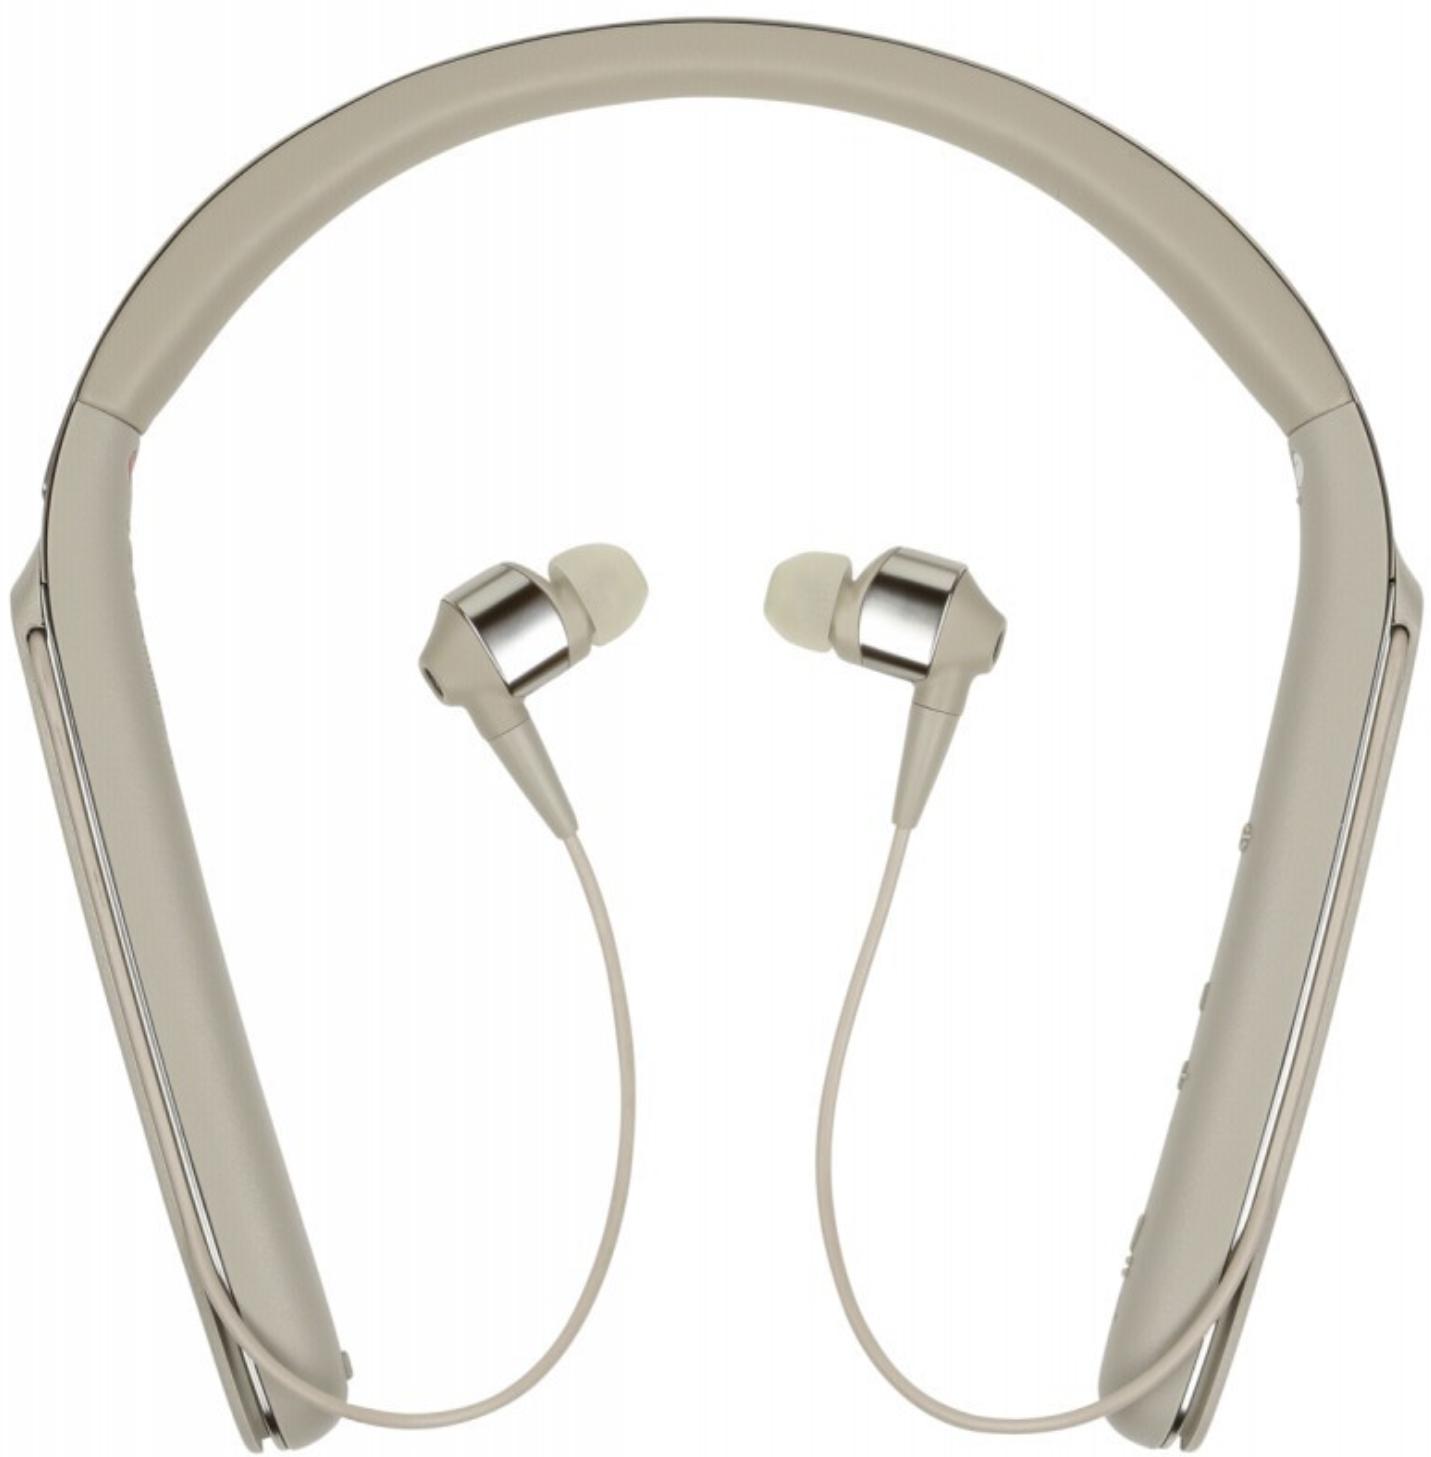 Sony WI-1000X Wireless In-ear Headphones Silver